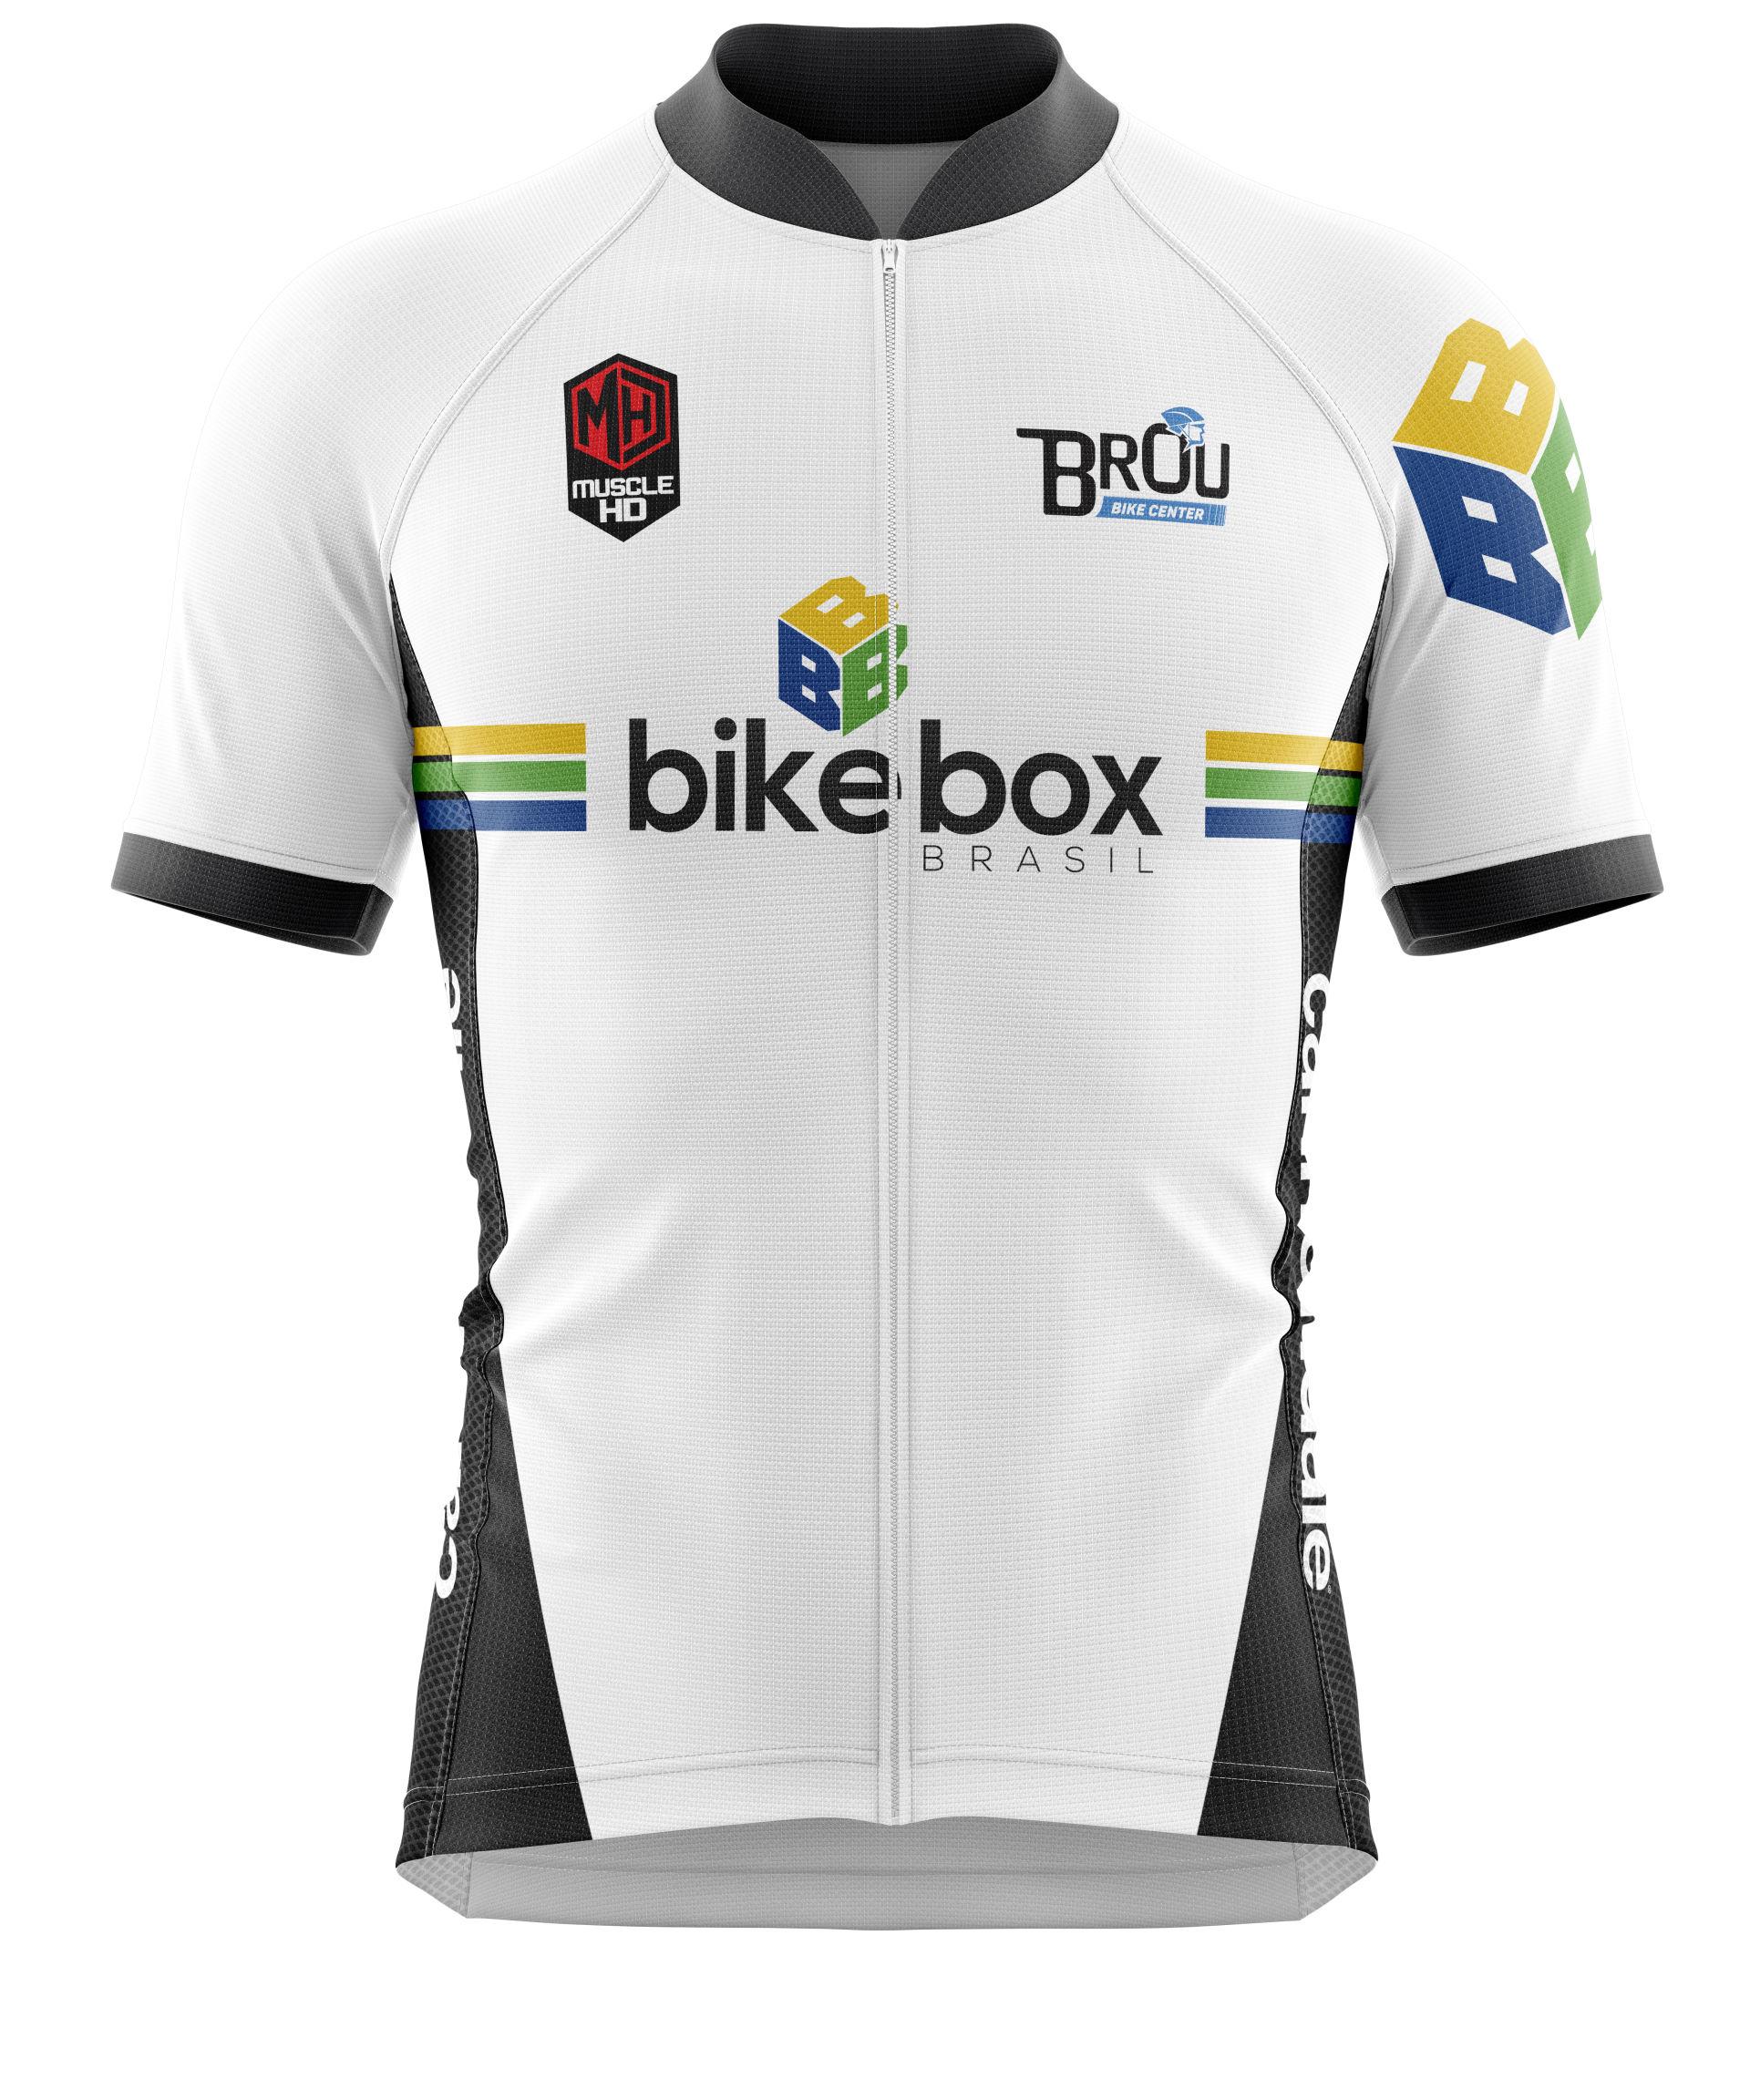 Bike Box Brasil